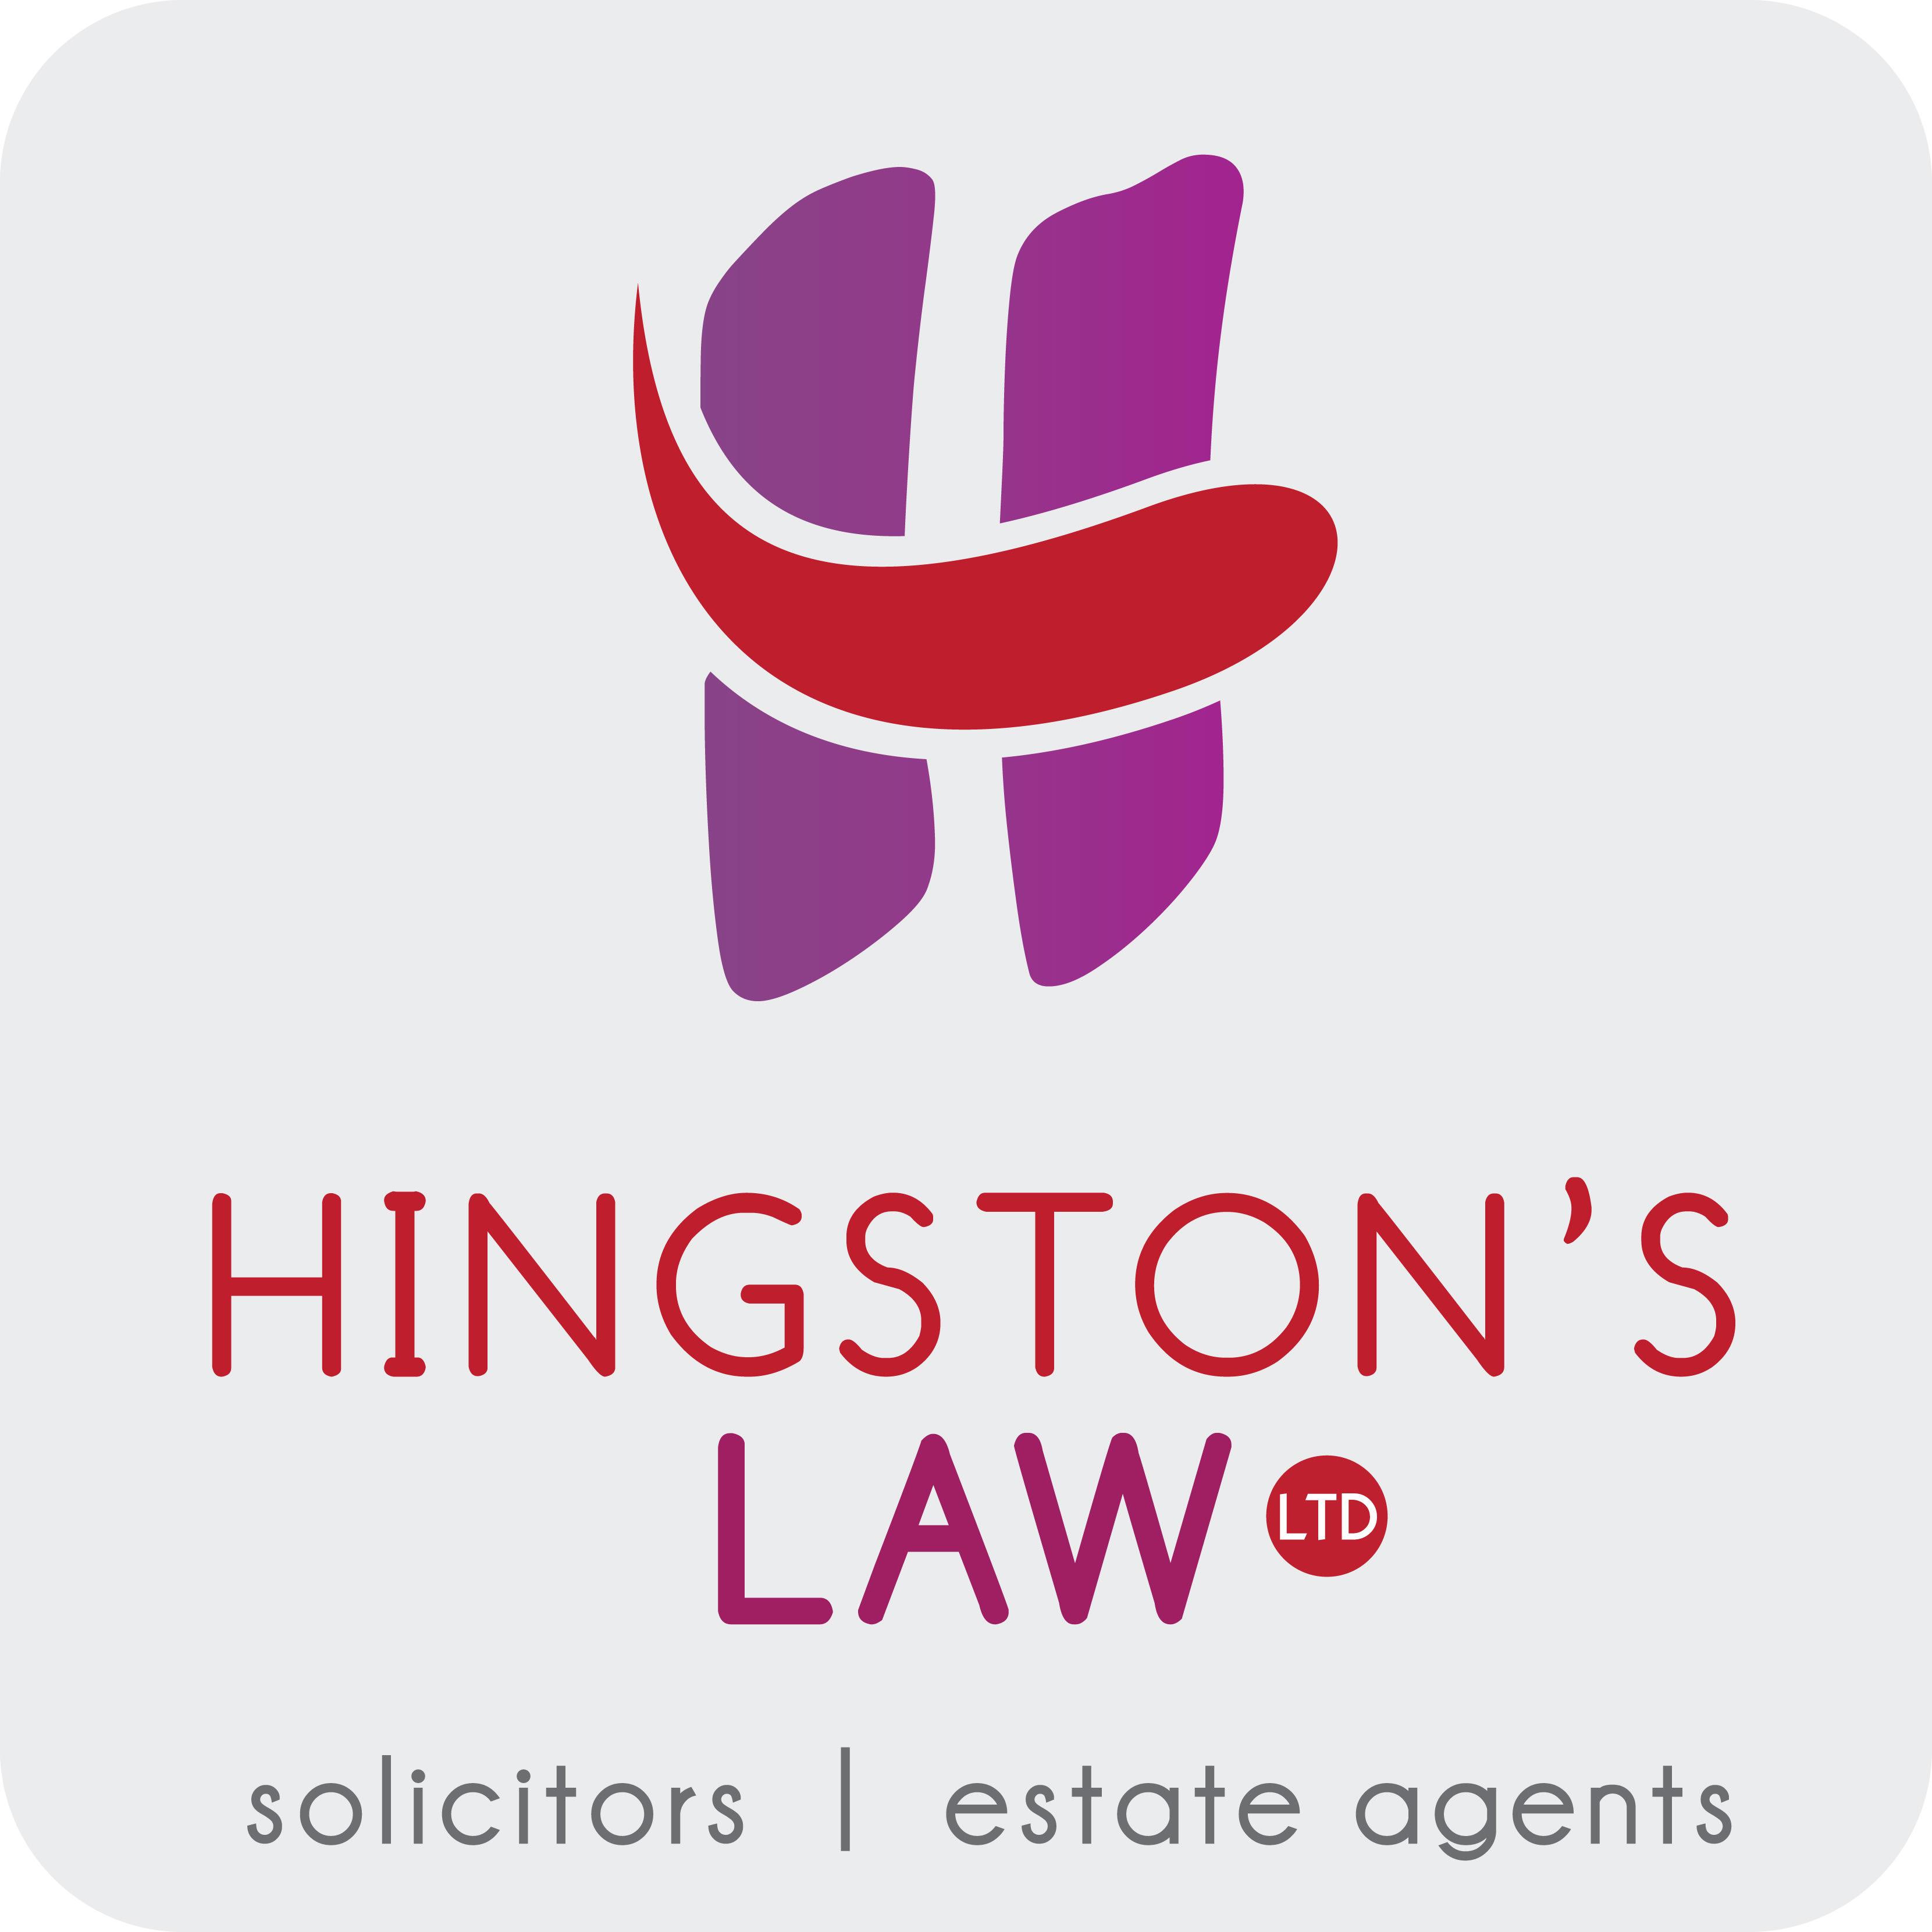 Hingston's Law Ltd